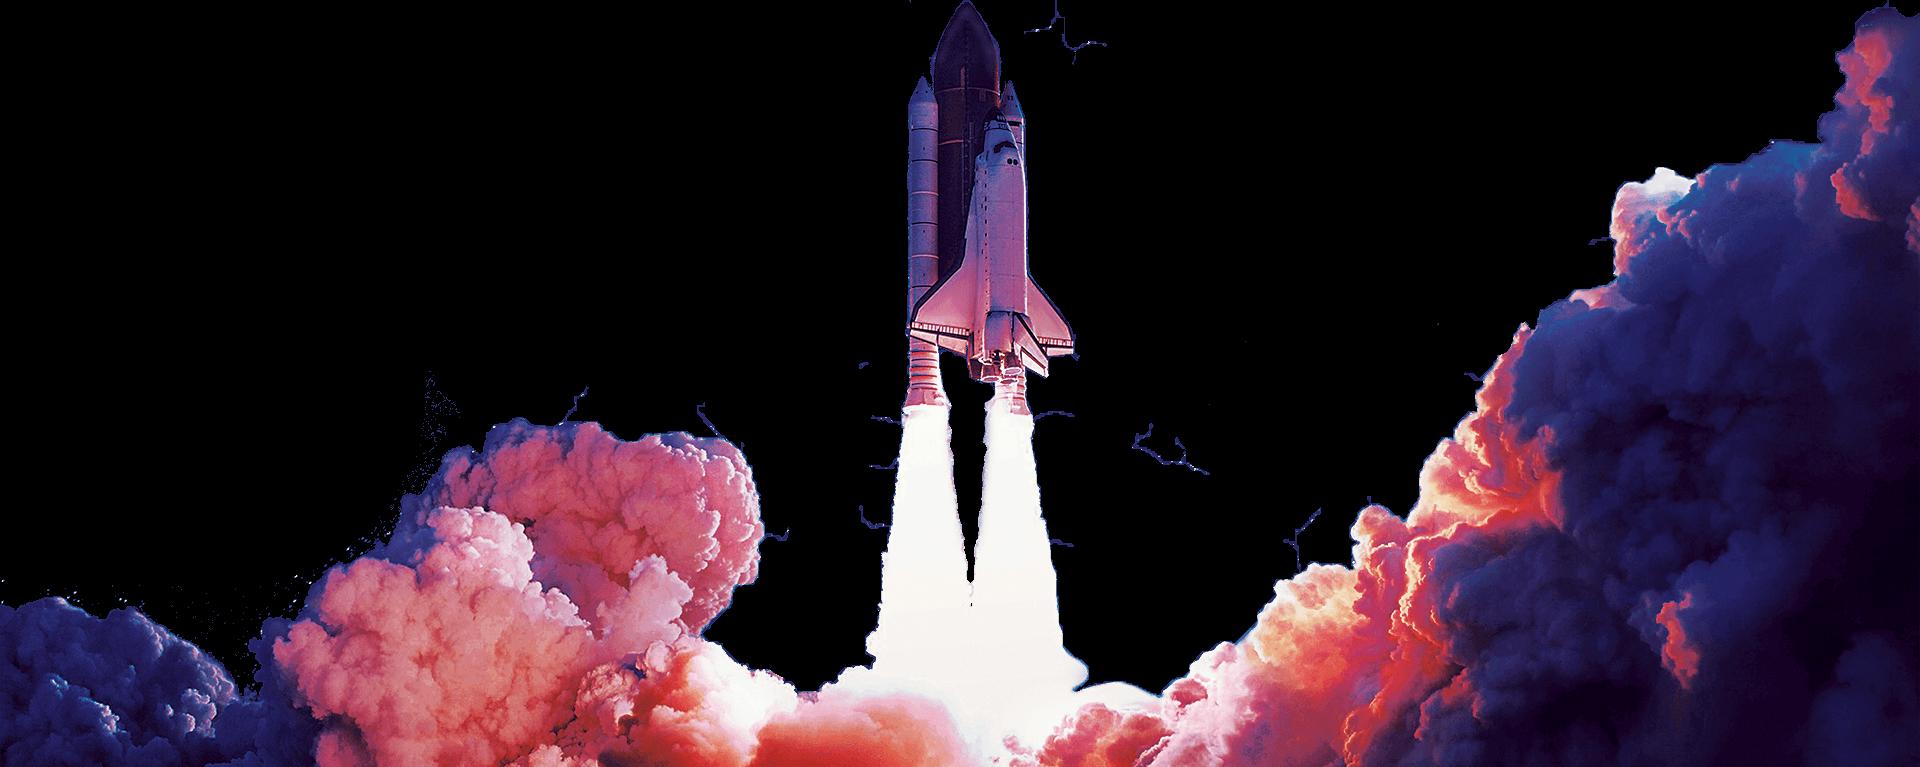 banner-foguete